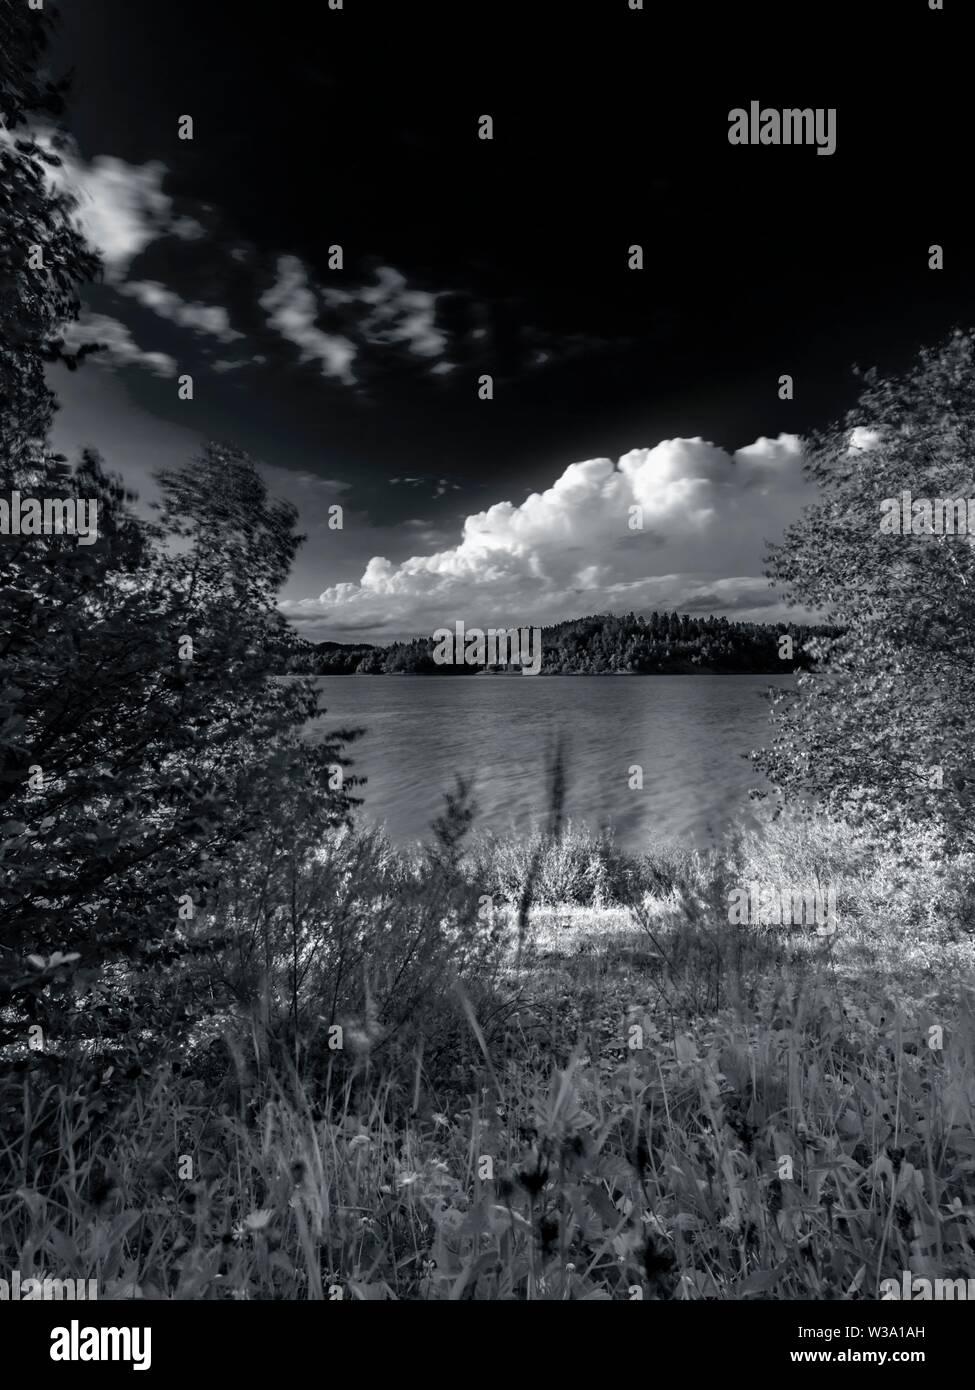 Nature Lokvarsko jezero lake Lokve in Croatia - Stock Image